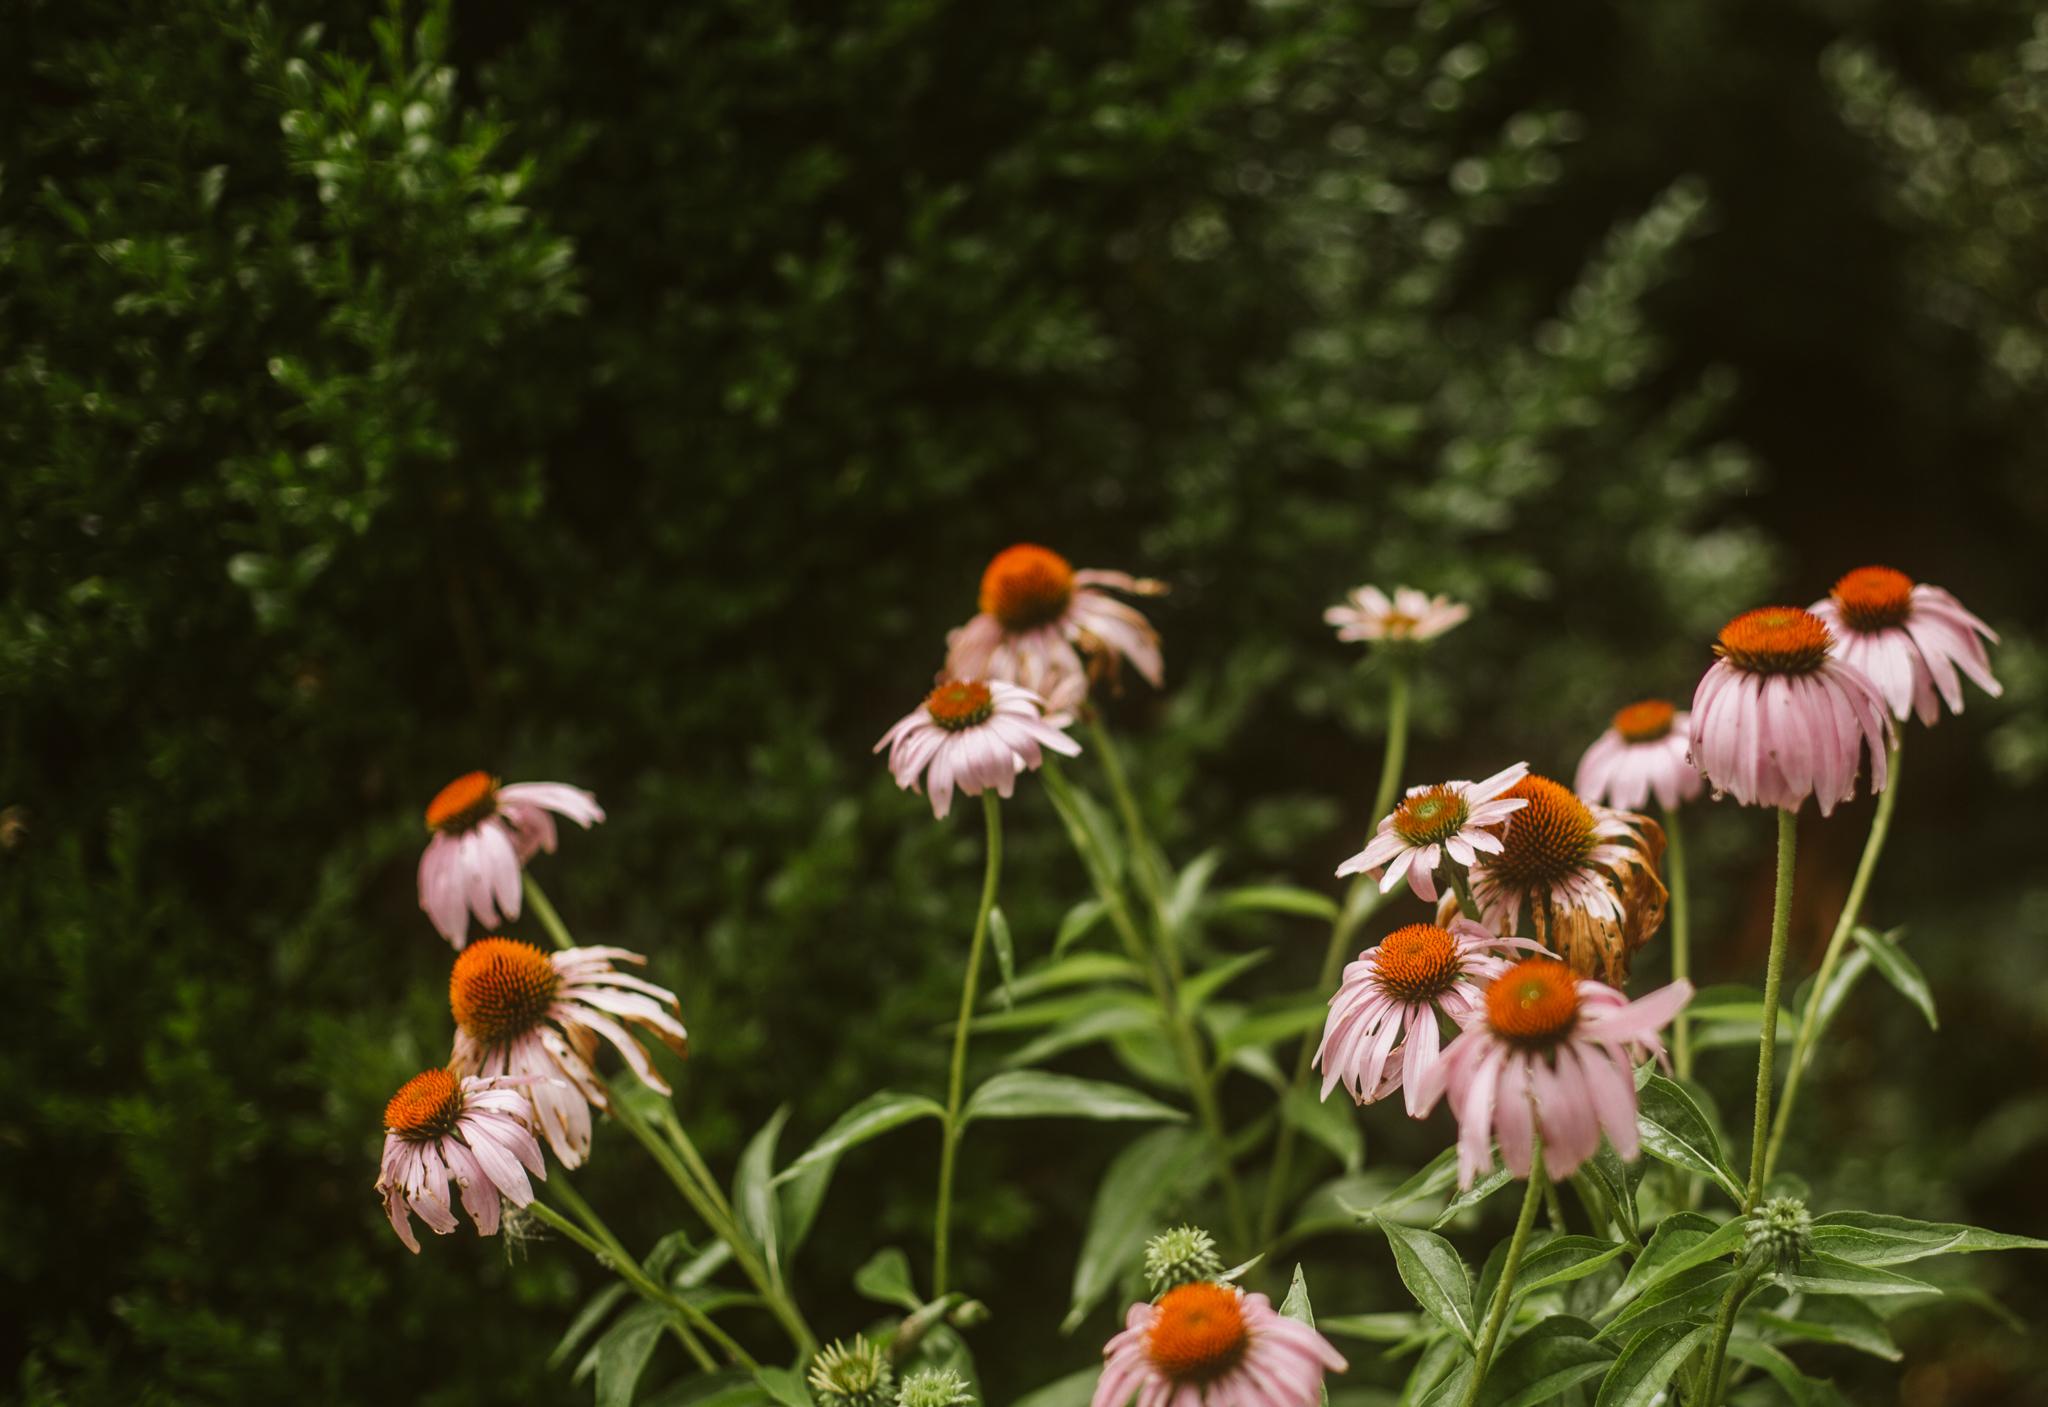 rebeccaburtphotography.raspberryplainmanor.leesburgweddingphotographer-27.JPG